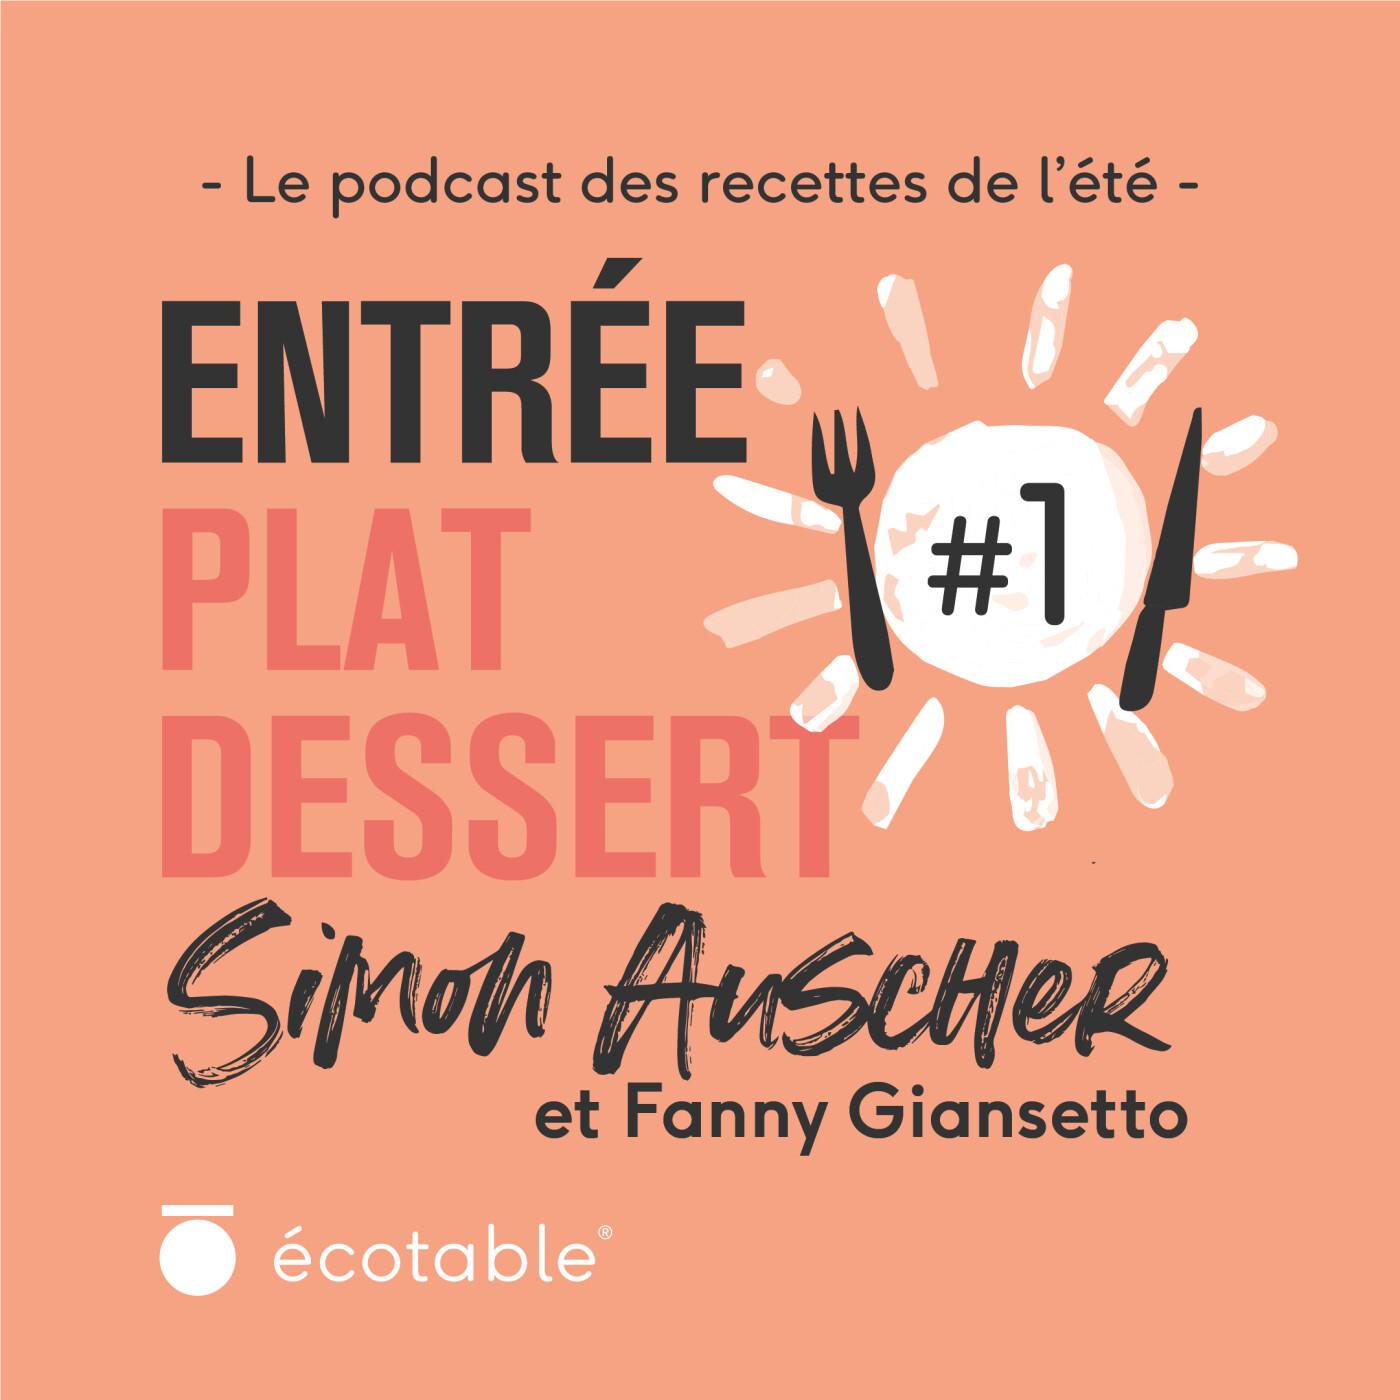 [Série d'été - Entrée/plat/dessert] - #1. Entrée - Falafels de pois cassés, sauce yaourt grec citron et tahiné